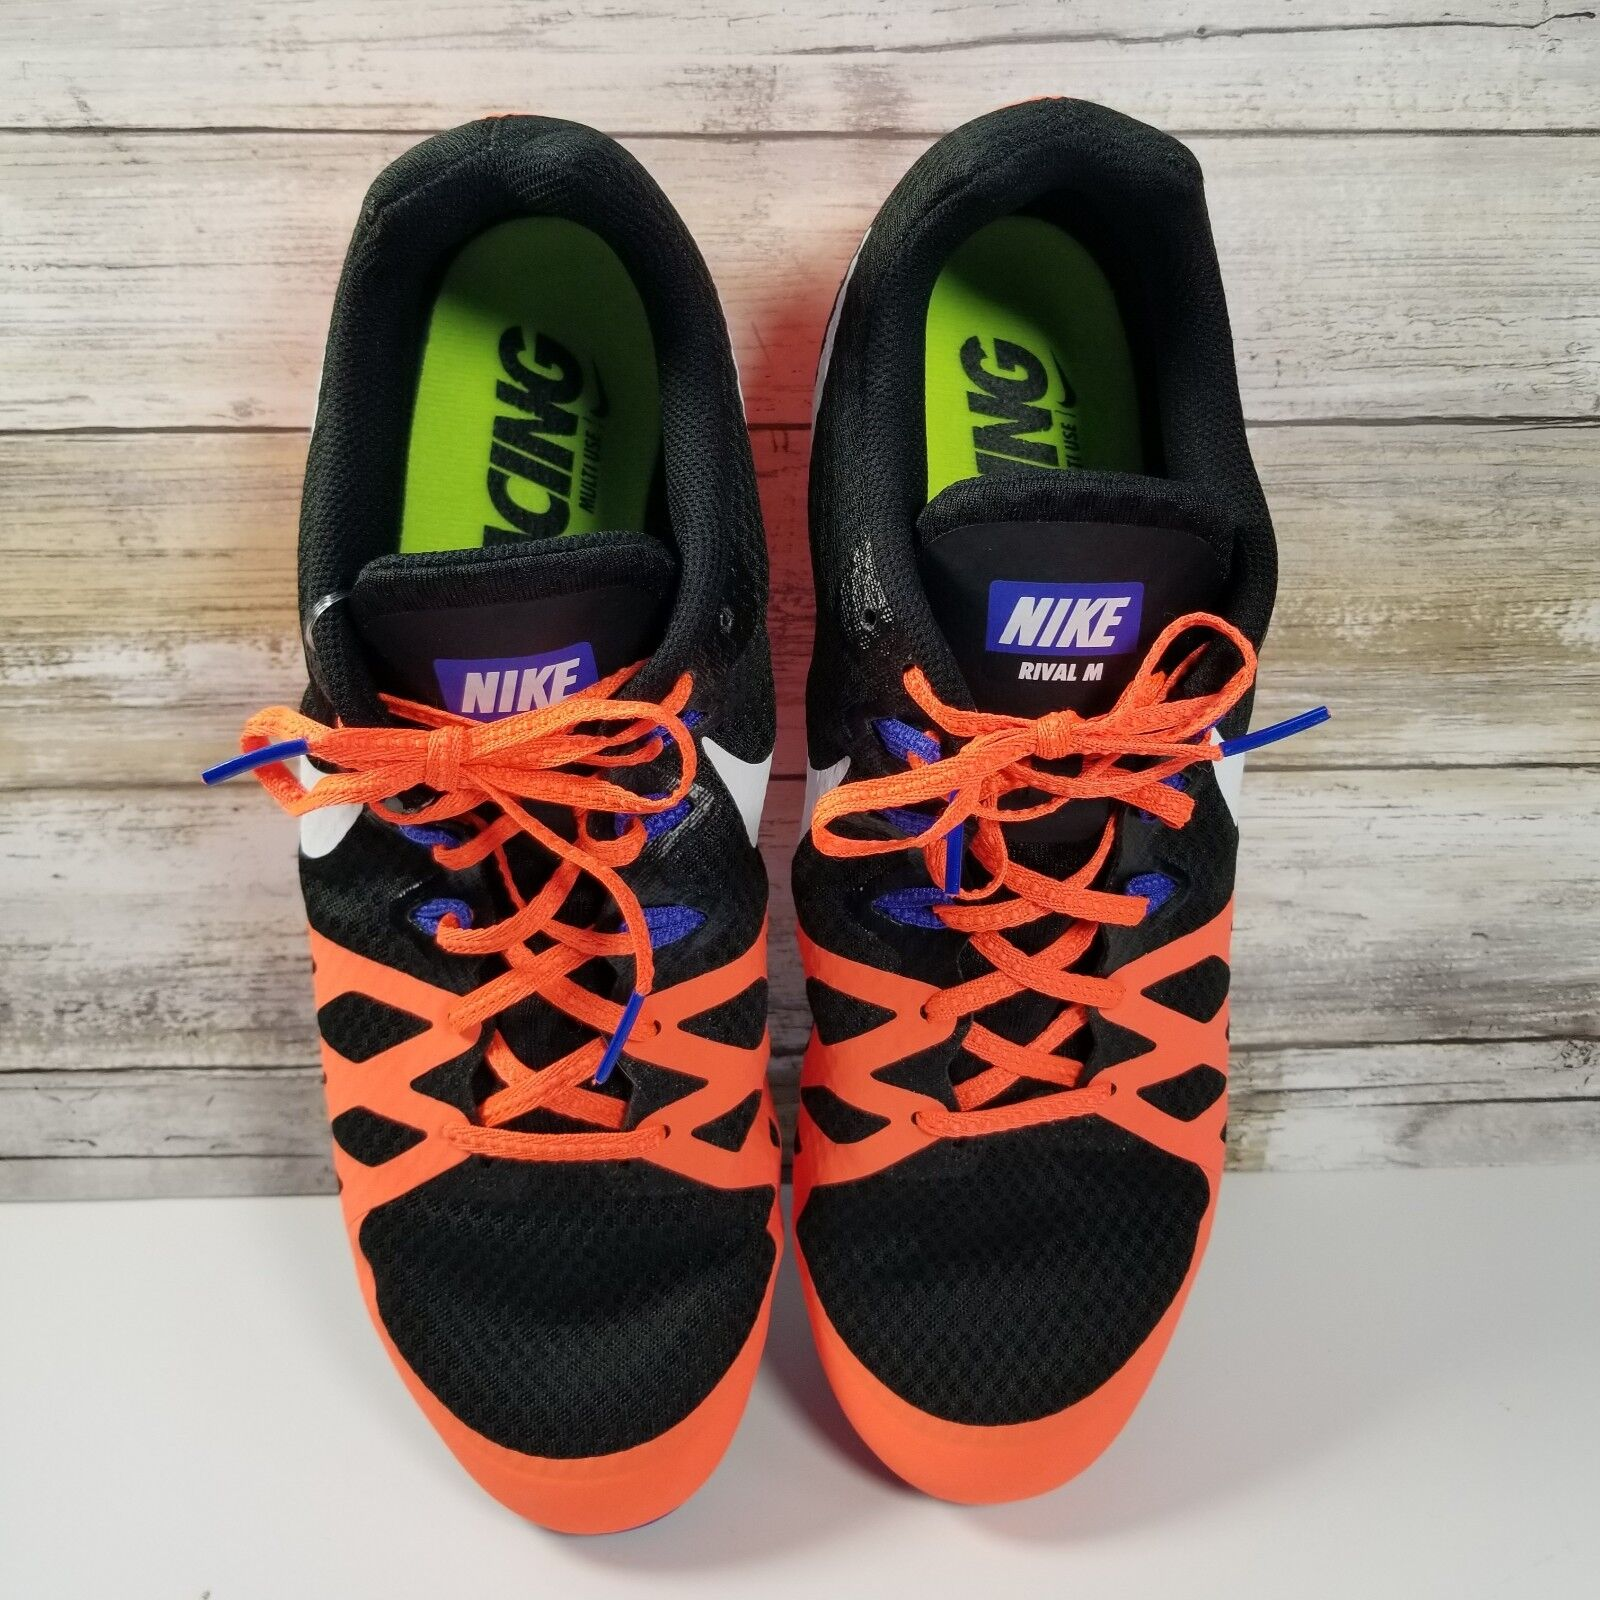 Nike zoom da rivale degli uomini di scarpe da zoom corsa, con picchi traccia sprint nwot misura 12,5 d1215c